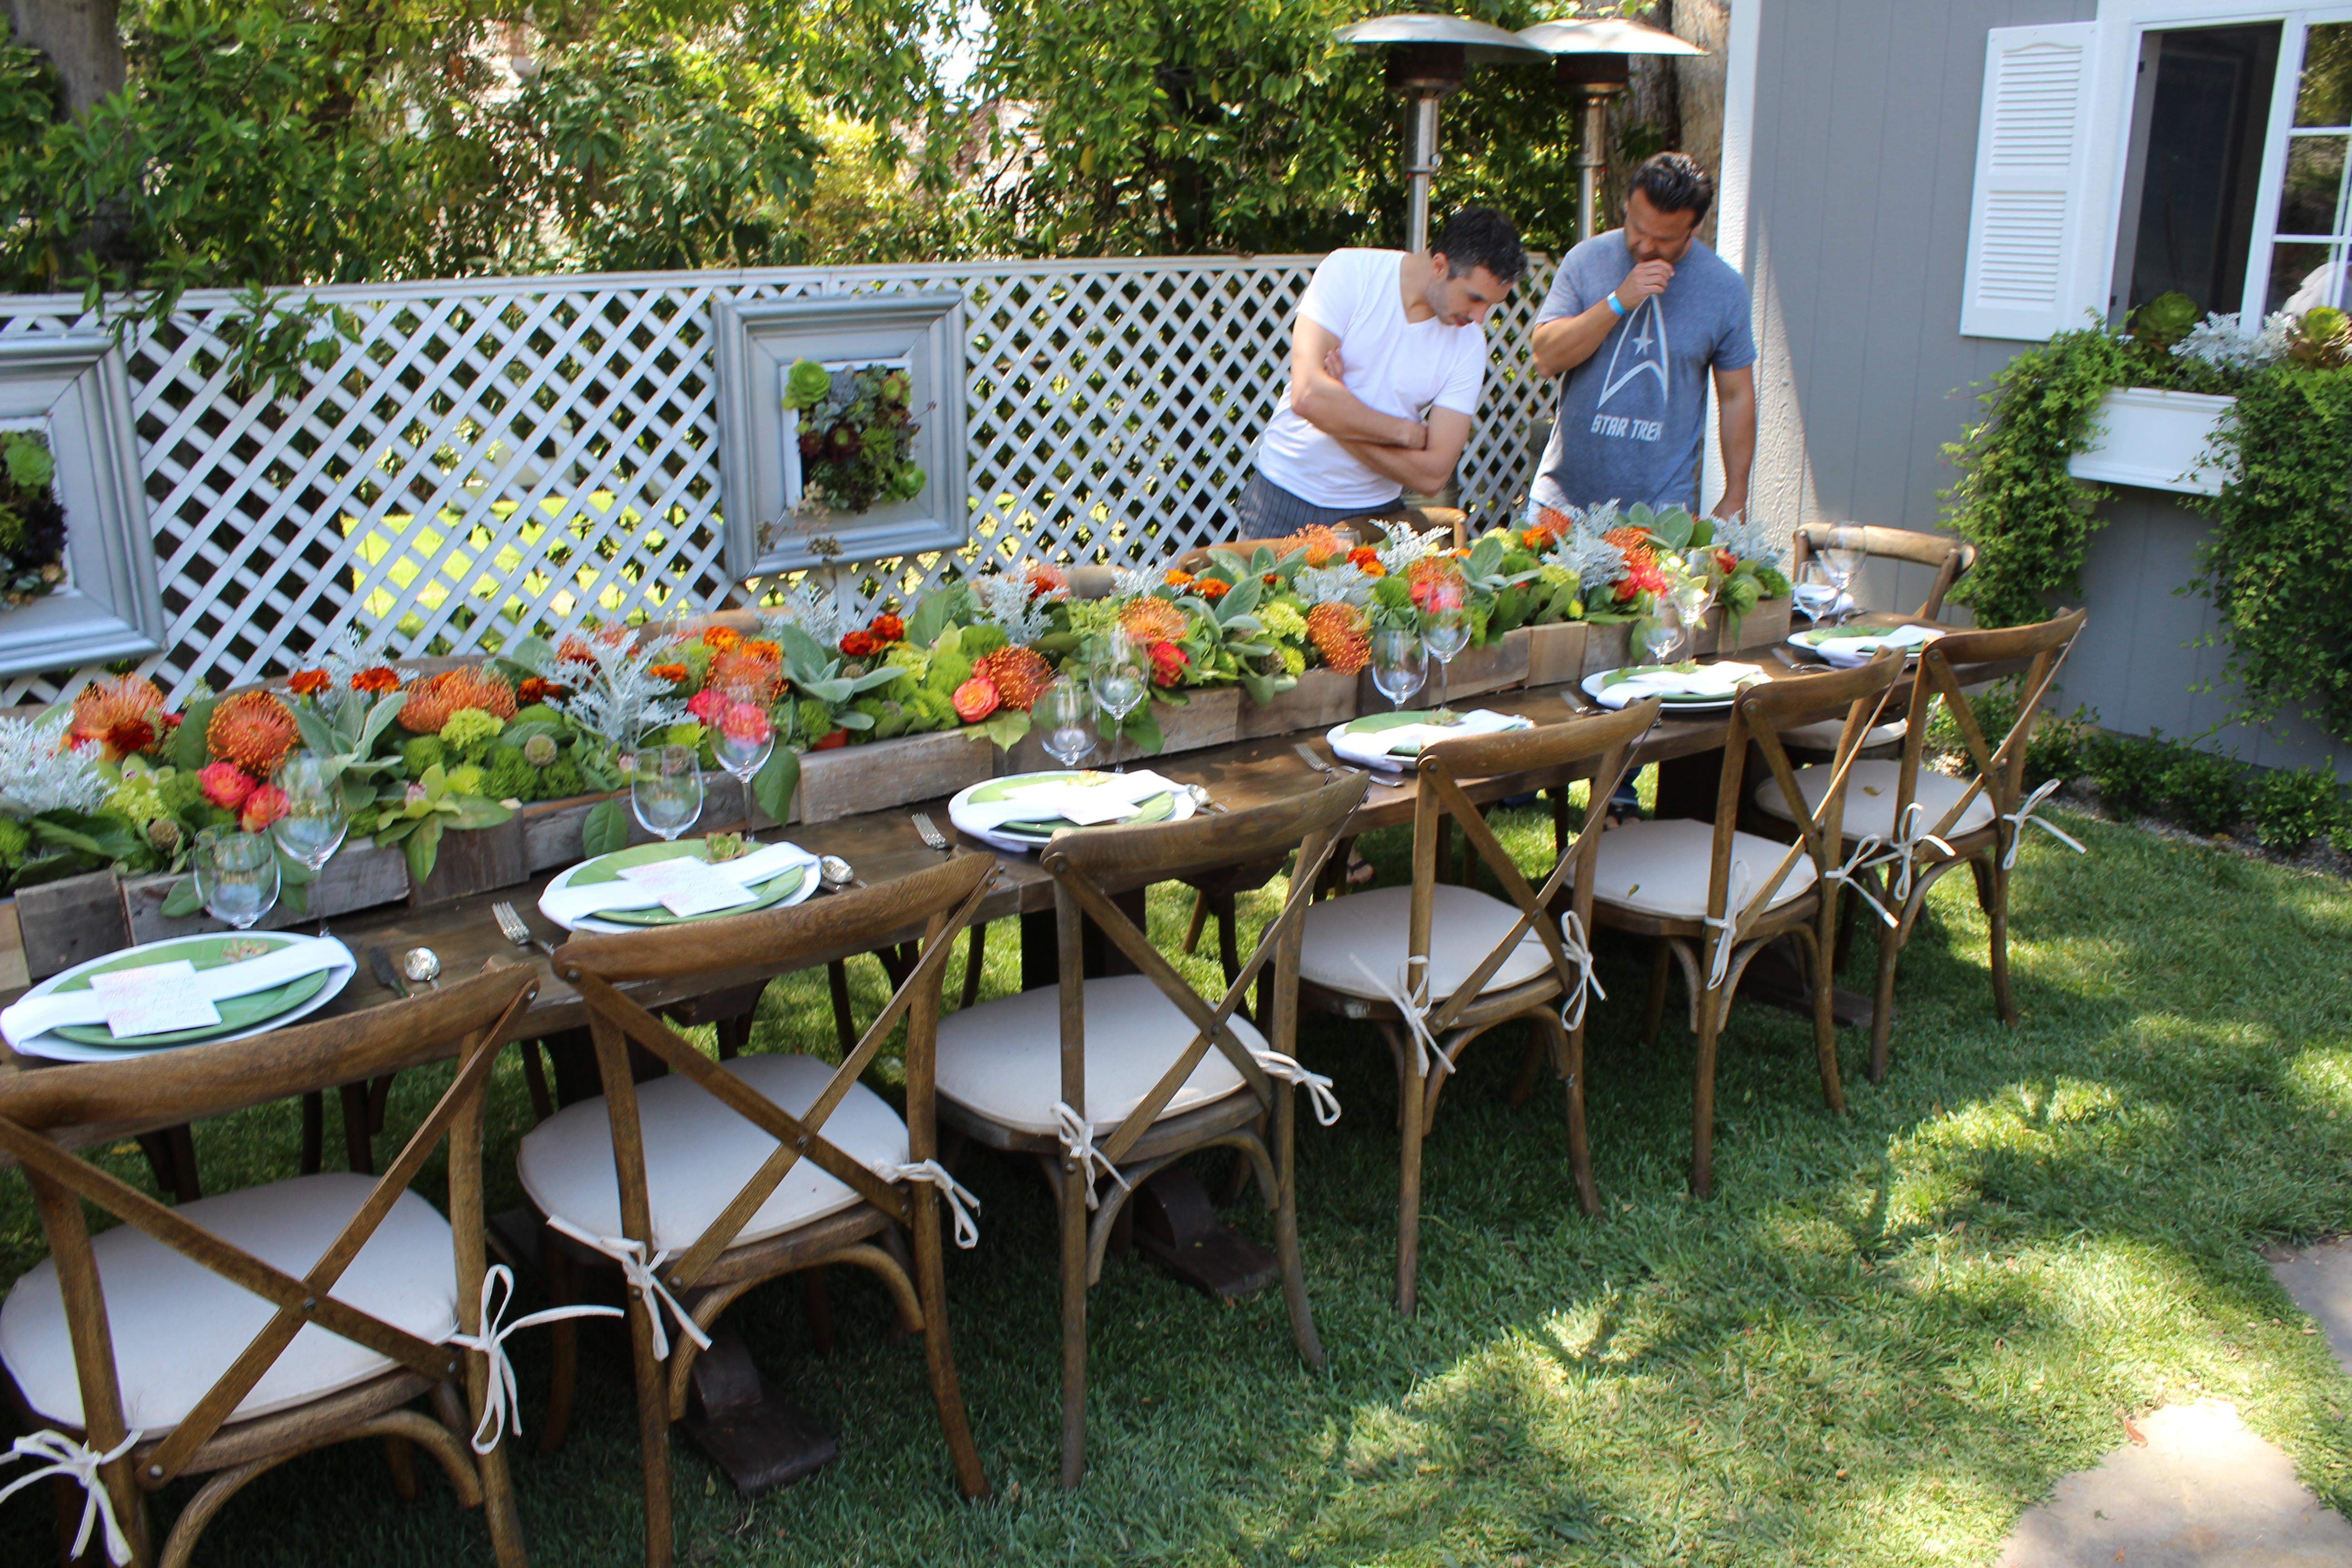 Party In Backyard Ideas  Plan an Outdoor Garden Party